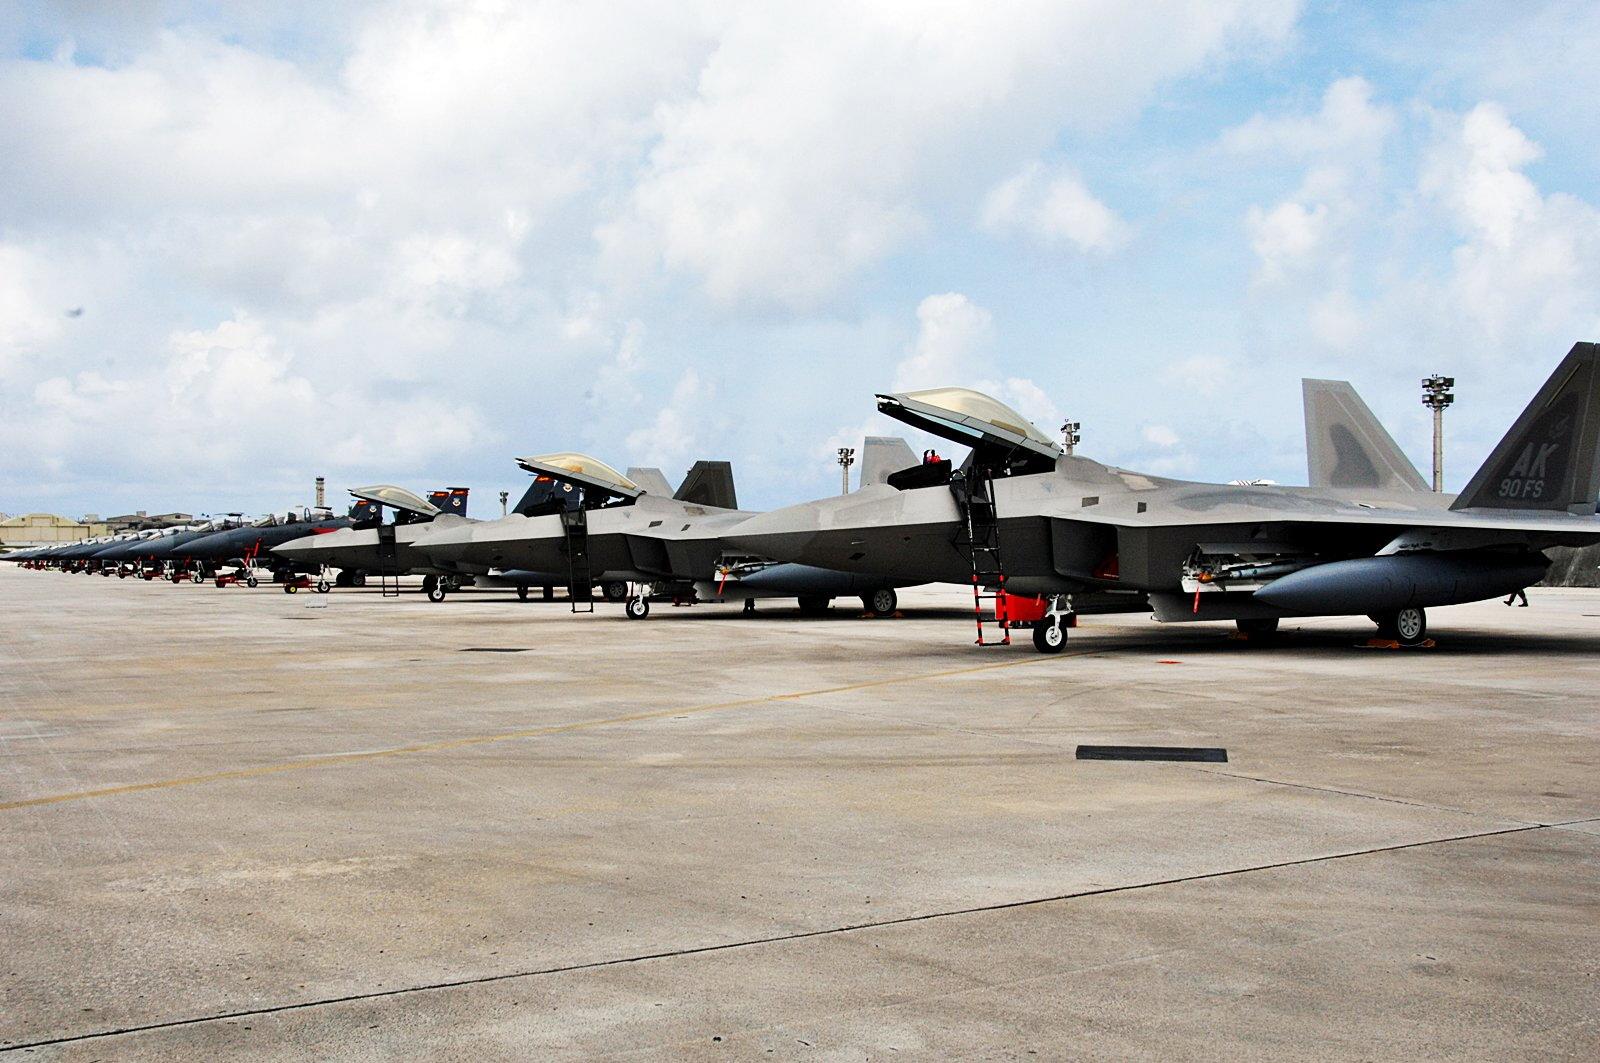 朝鲜称正考虑通过导弹对关岛周边进行包围射击